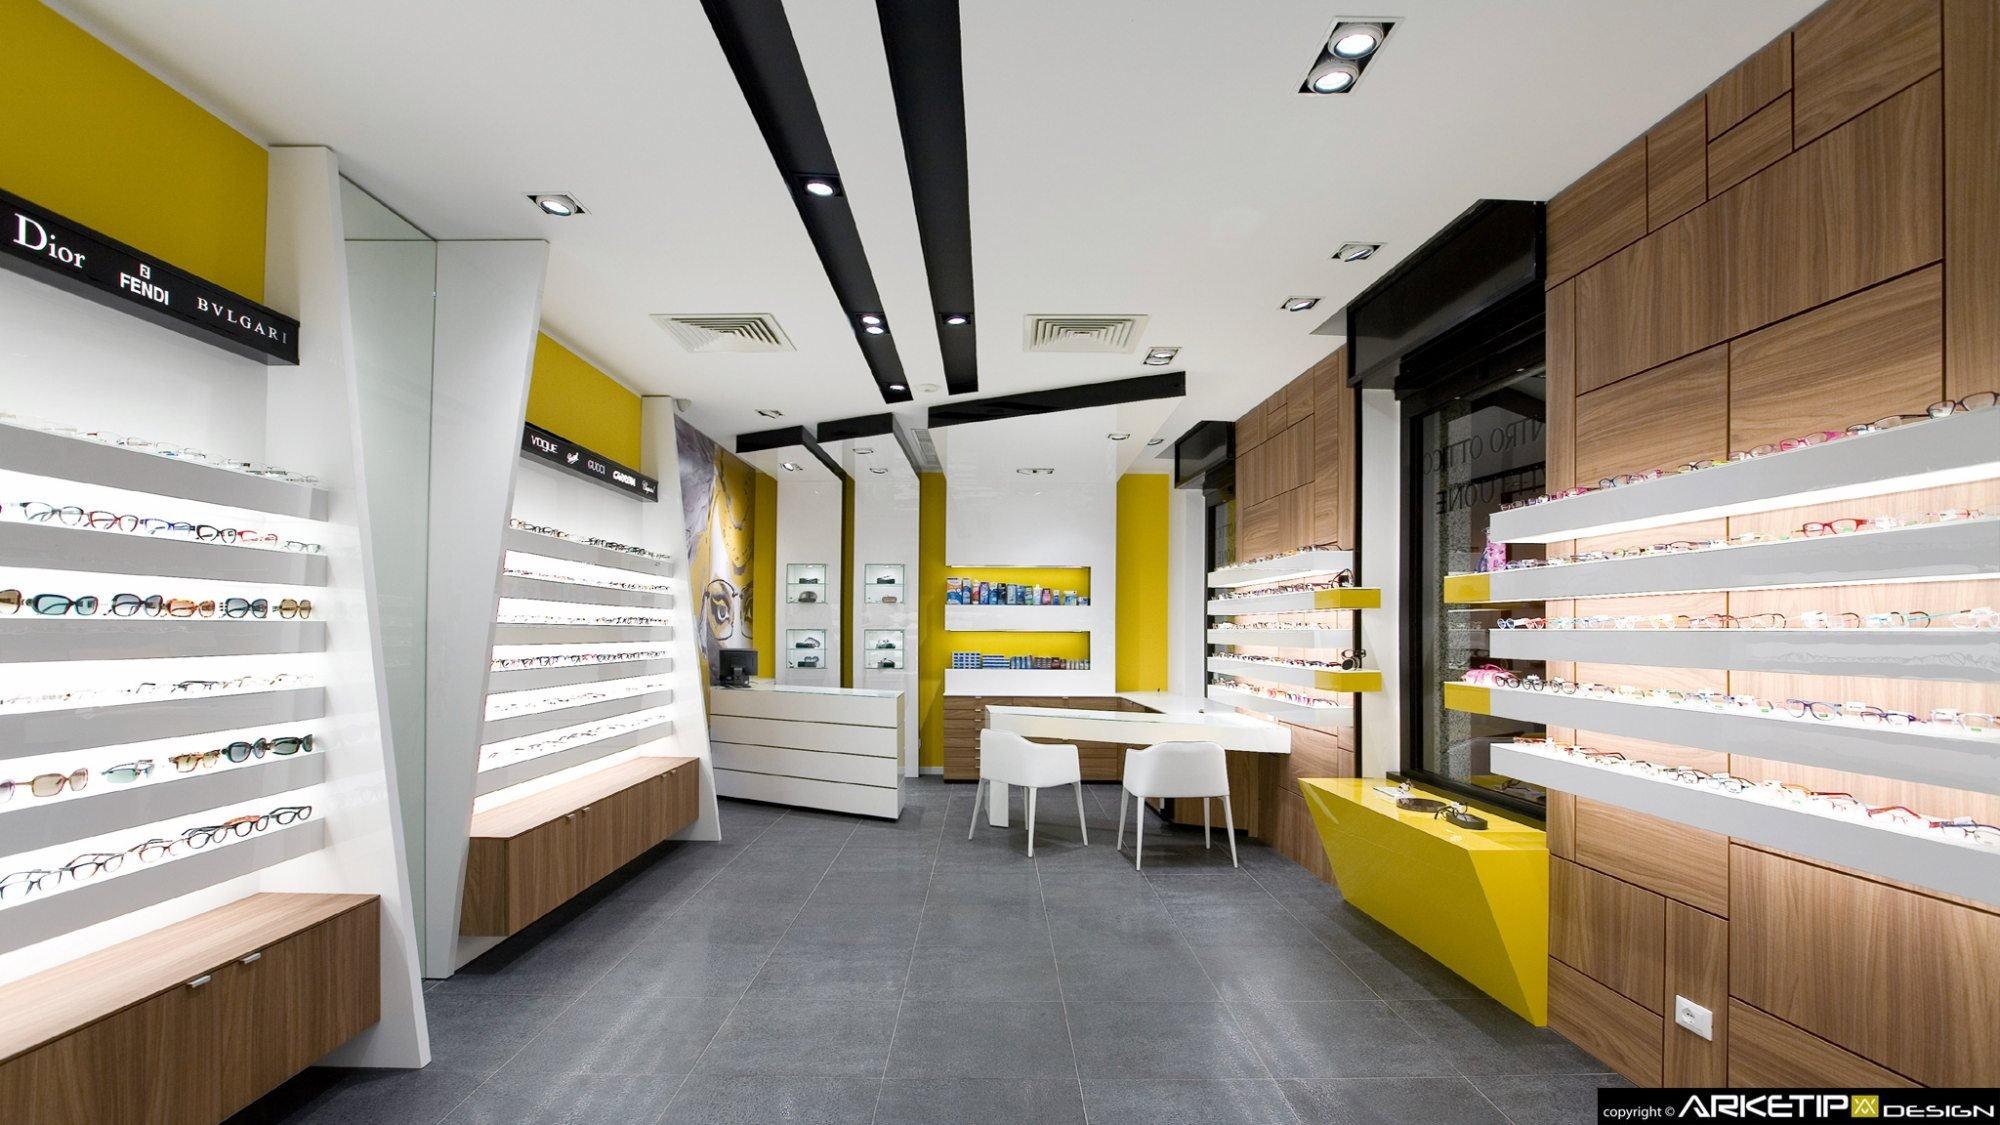 Arredamento centro ottico vittuone negozio milano for Negozi arredamento milano centro